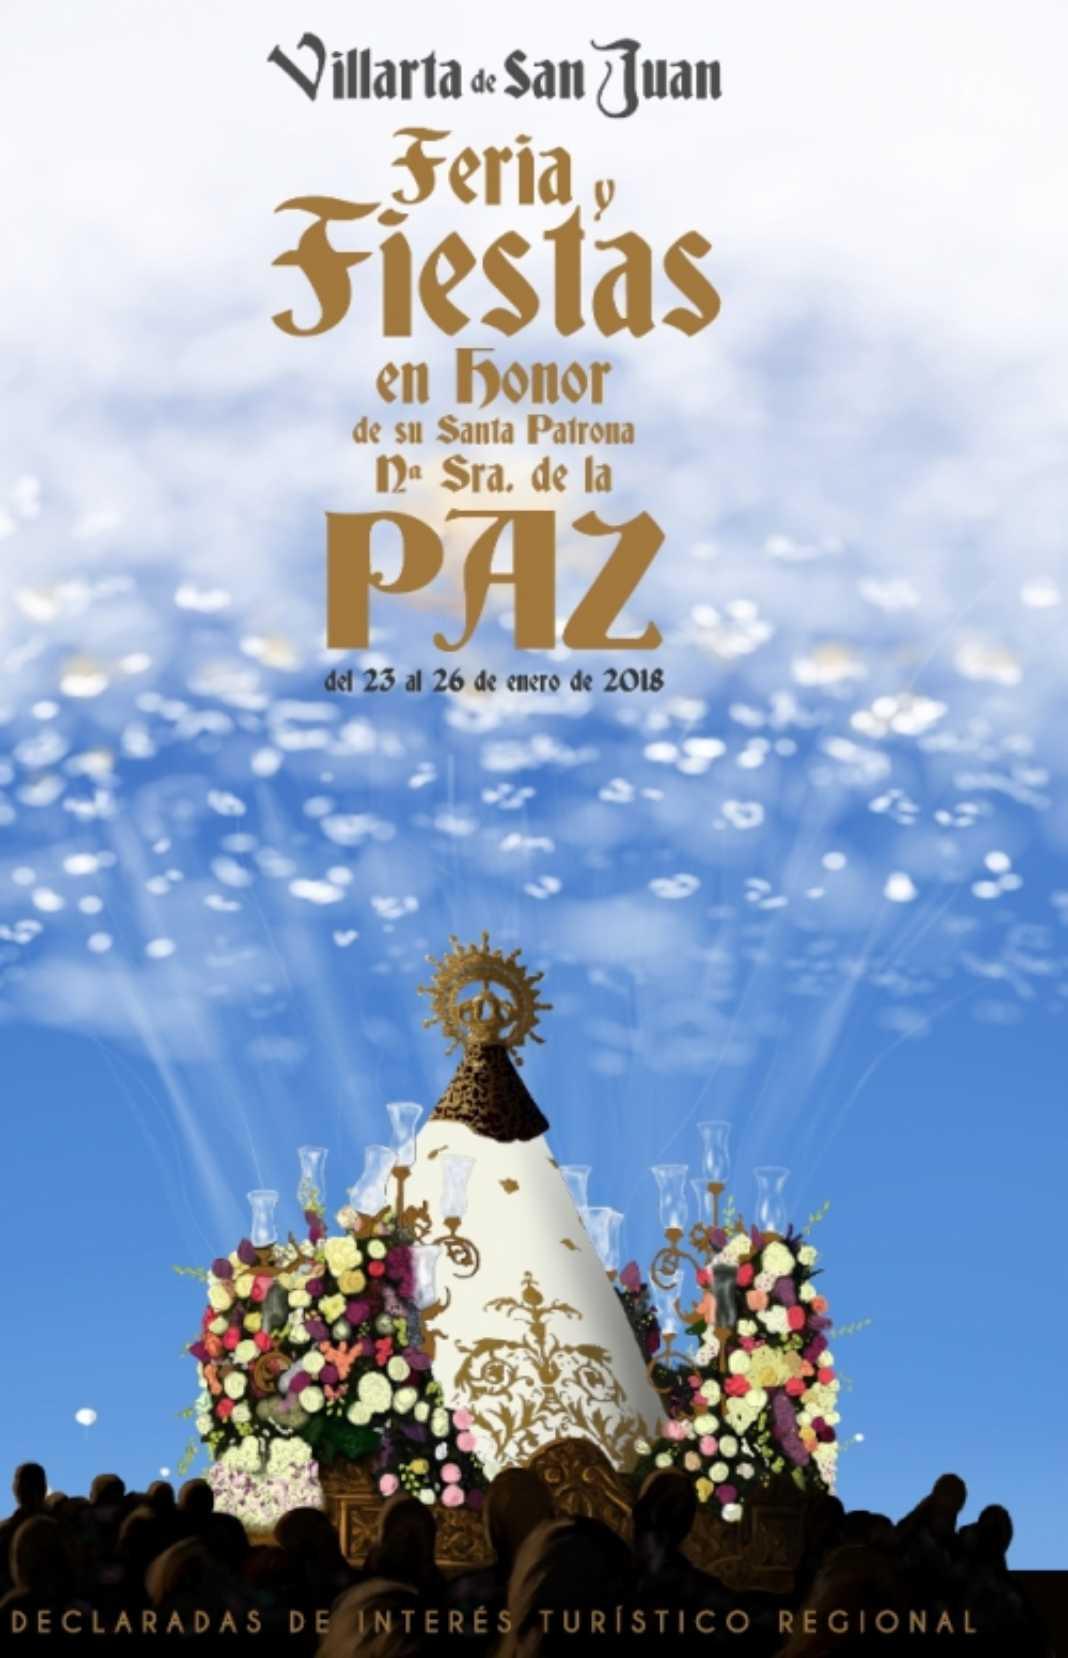 cartel anunciador de Las Pacer 2018 realizado por Santiago Gonzalez Roman 1068x1658 - Santiago González-Román pone imagen al cartel anunciador de Las Paces 2018